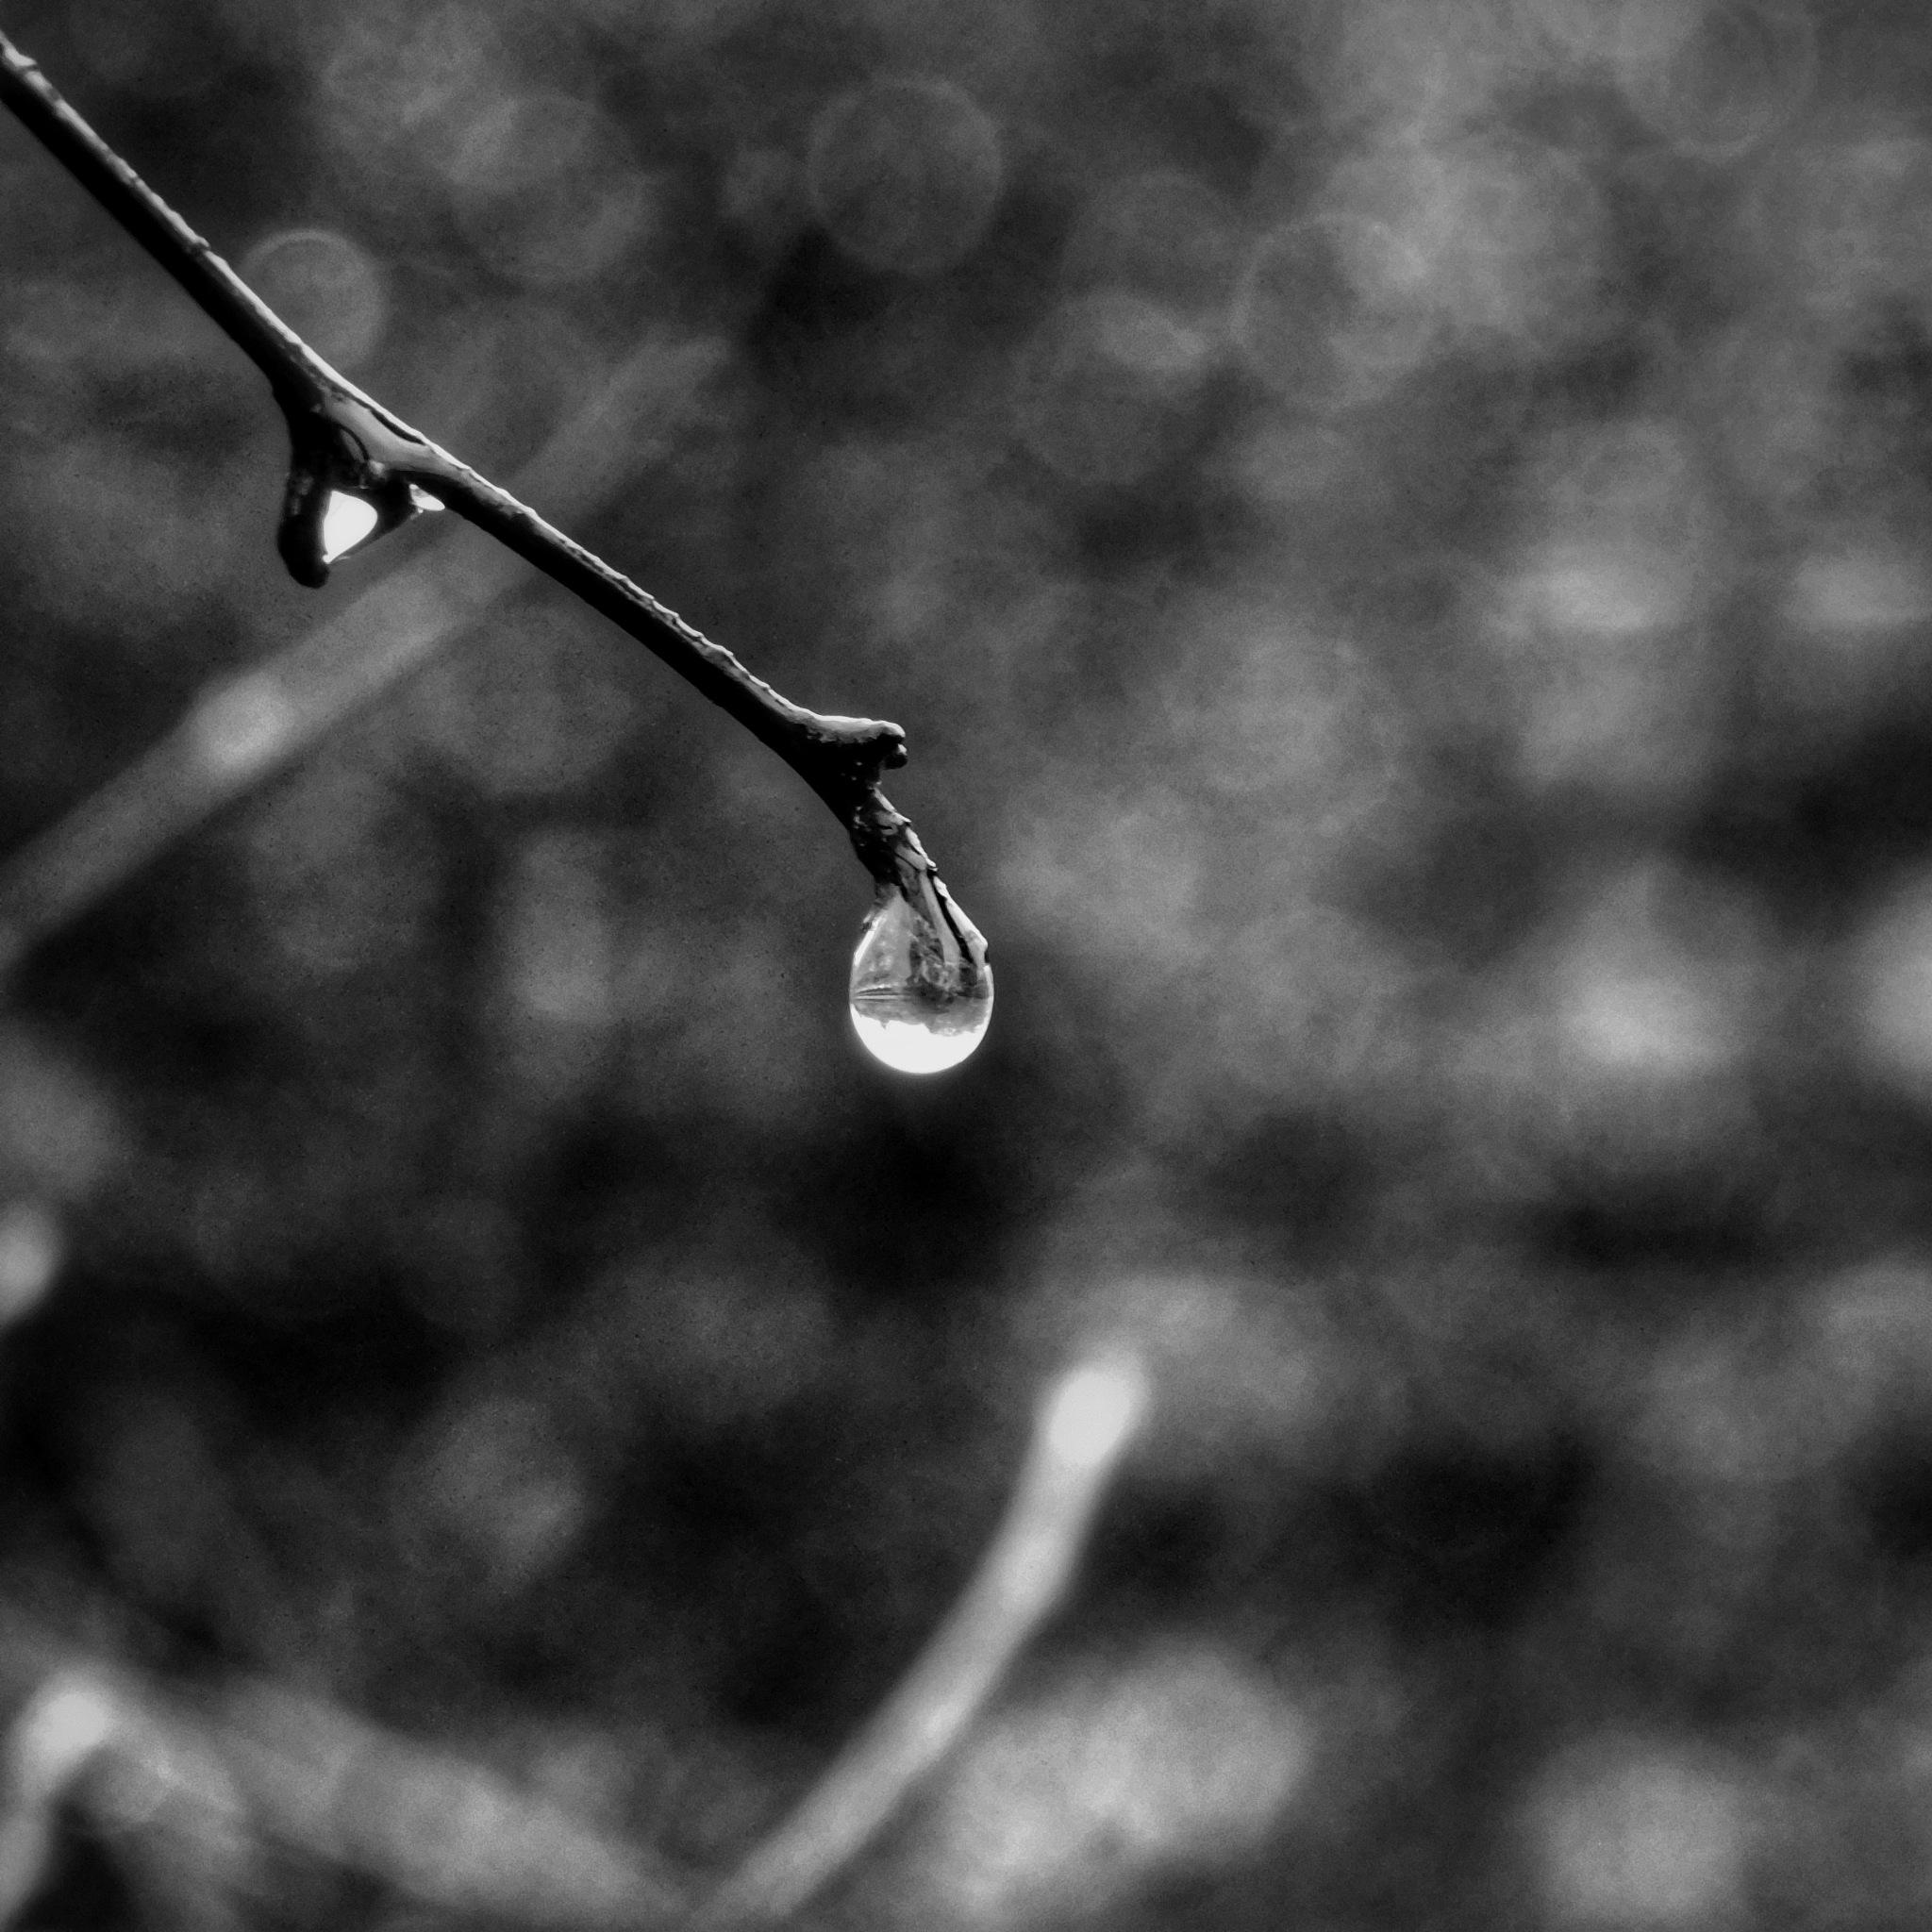 drop by Grzegorz Skwarliński